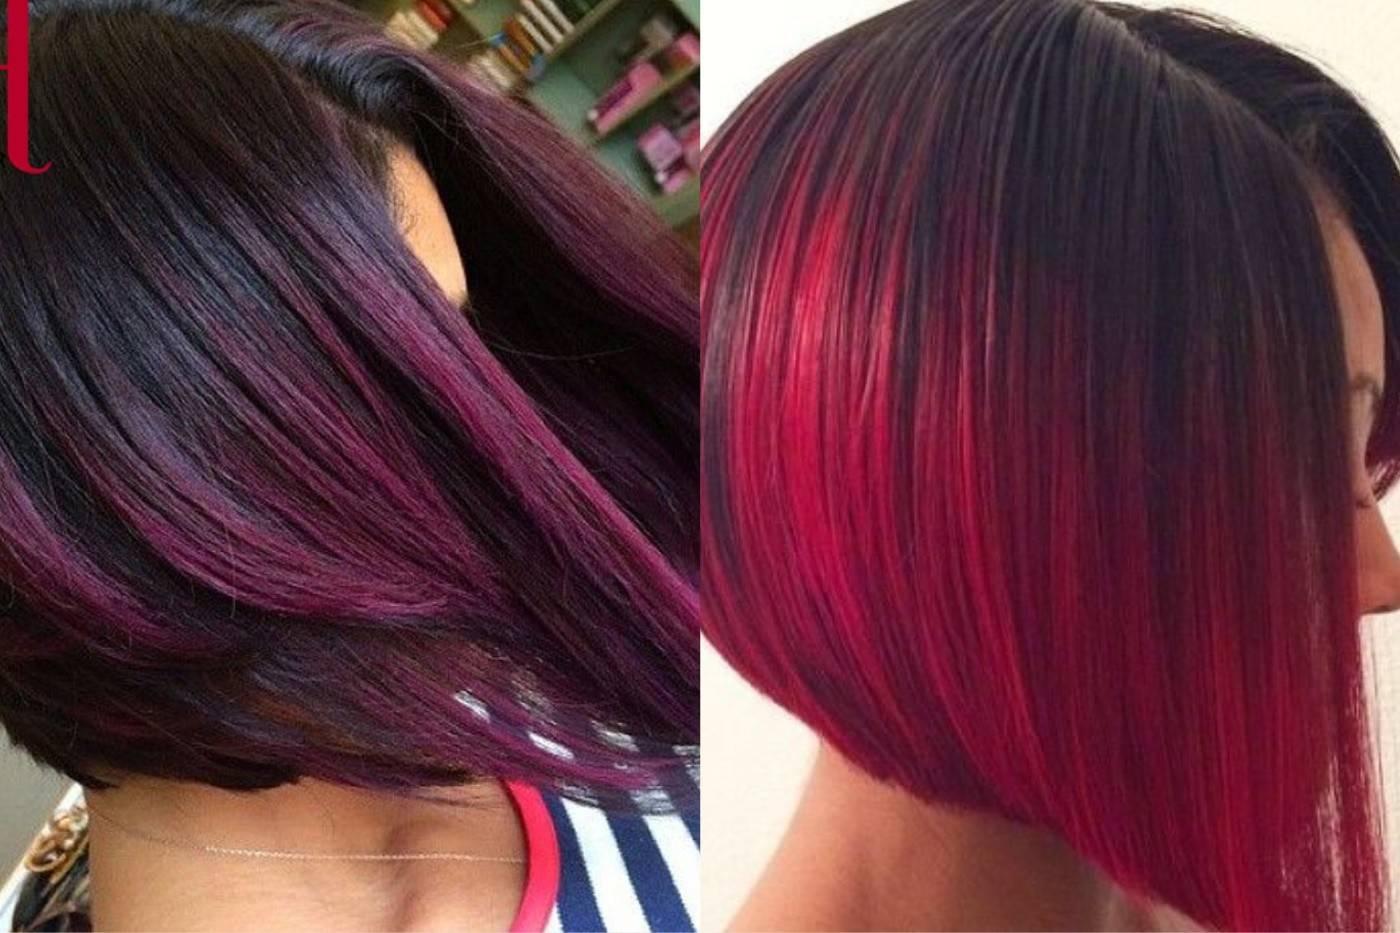 Окрашивание волос амбре (омбре) — фото и технология. омбре на русые волосы — как правильно подобрать цвет и получить восхитительный результат